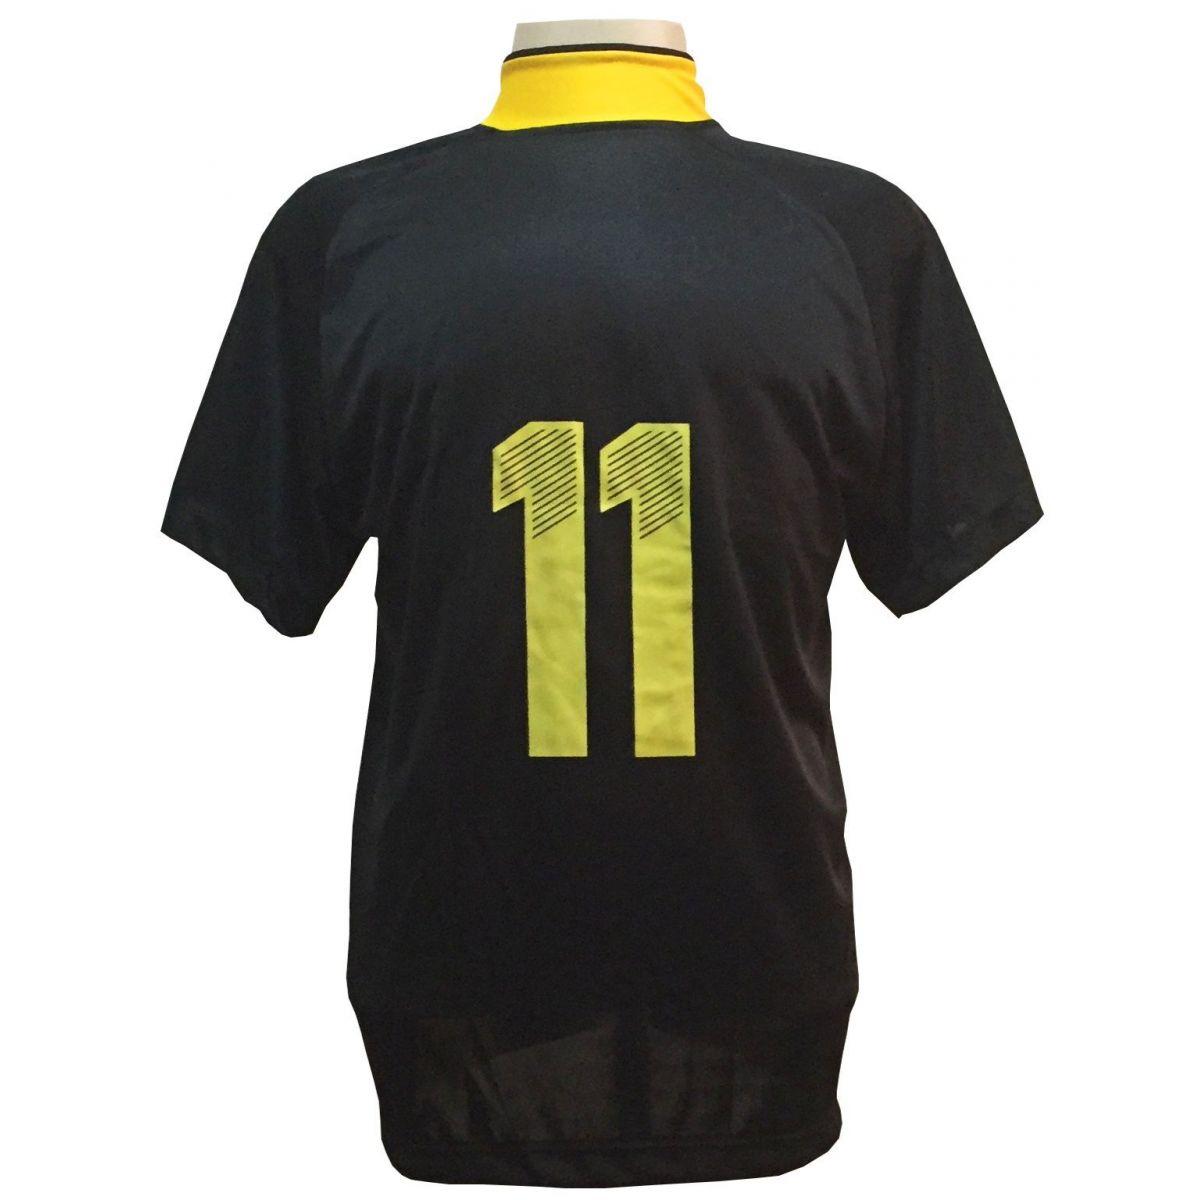 Uniforme Esportivo com 18 Camisas modelo Milan Preto/Amarelo + 18 Calções modelo Madrid Preto